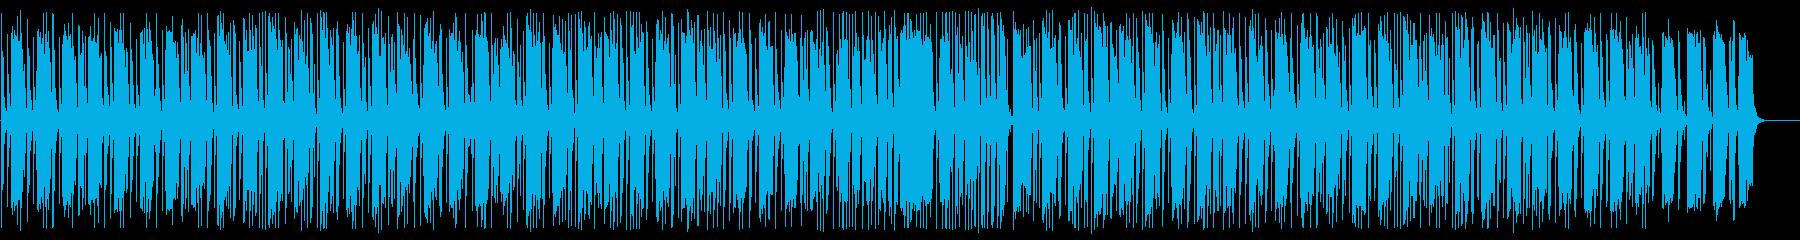 穏やかな日常系のBGMの再生済みの波形